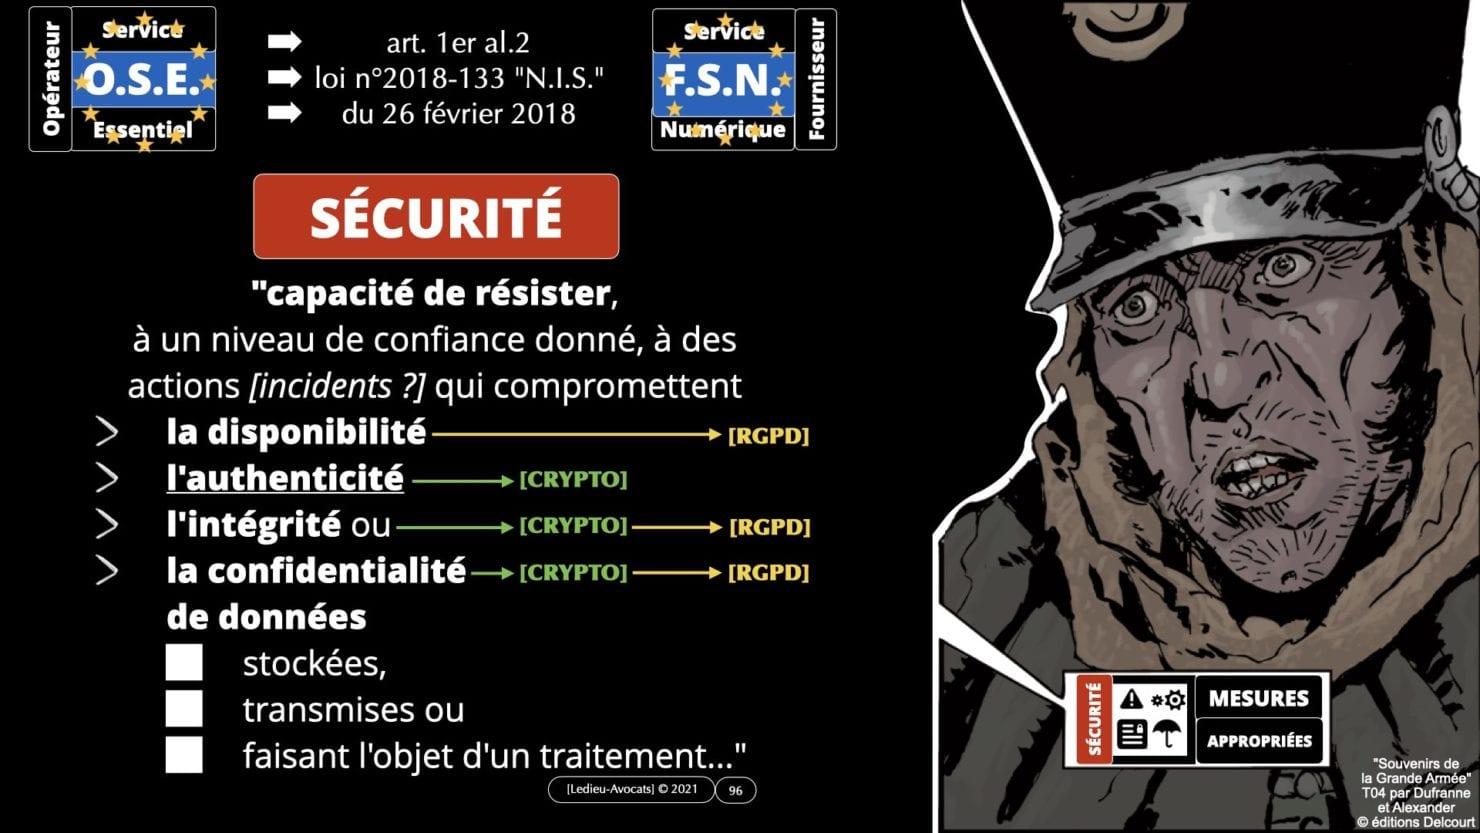 333 CYBER ATTAQUE responsabilité pénale civile contrat © Ledieu-Avocats 23-05-2021.096